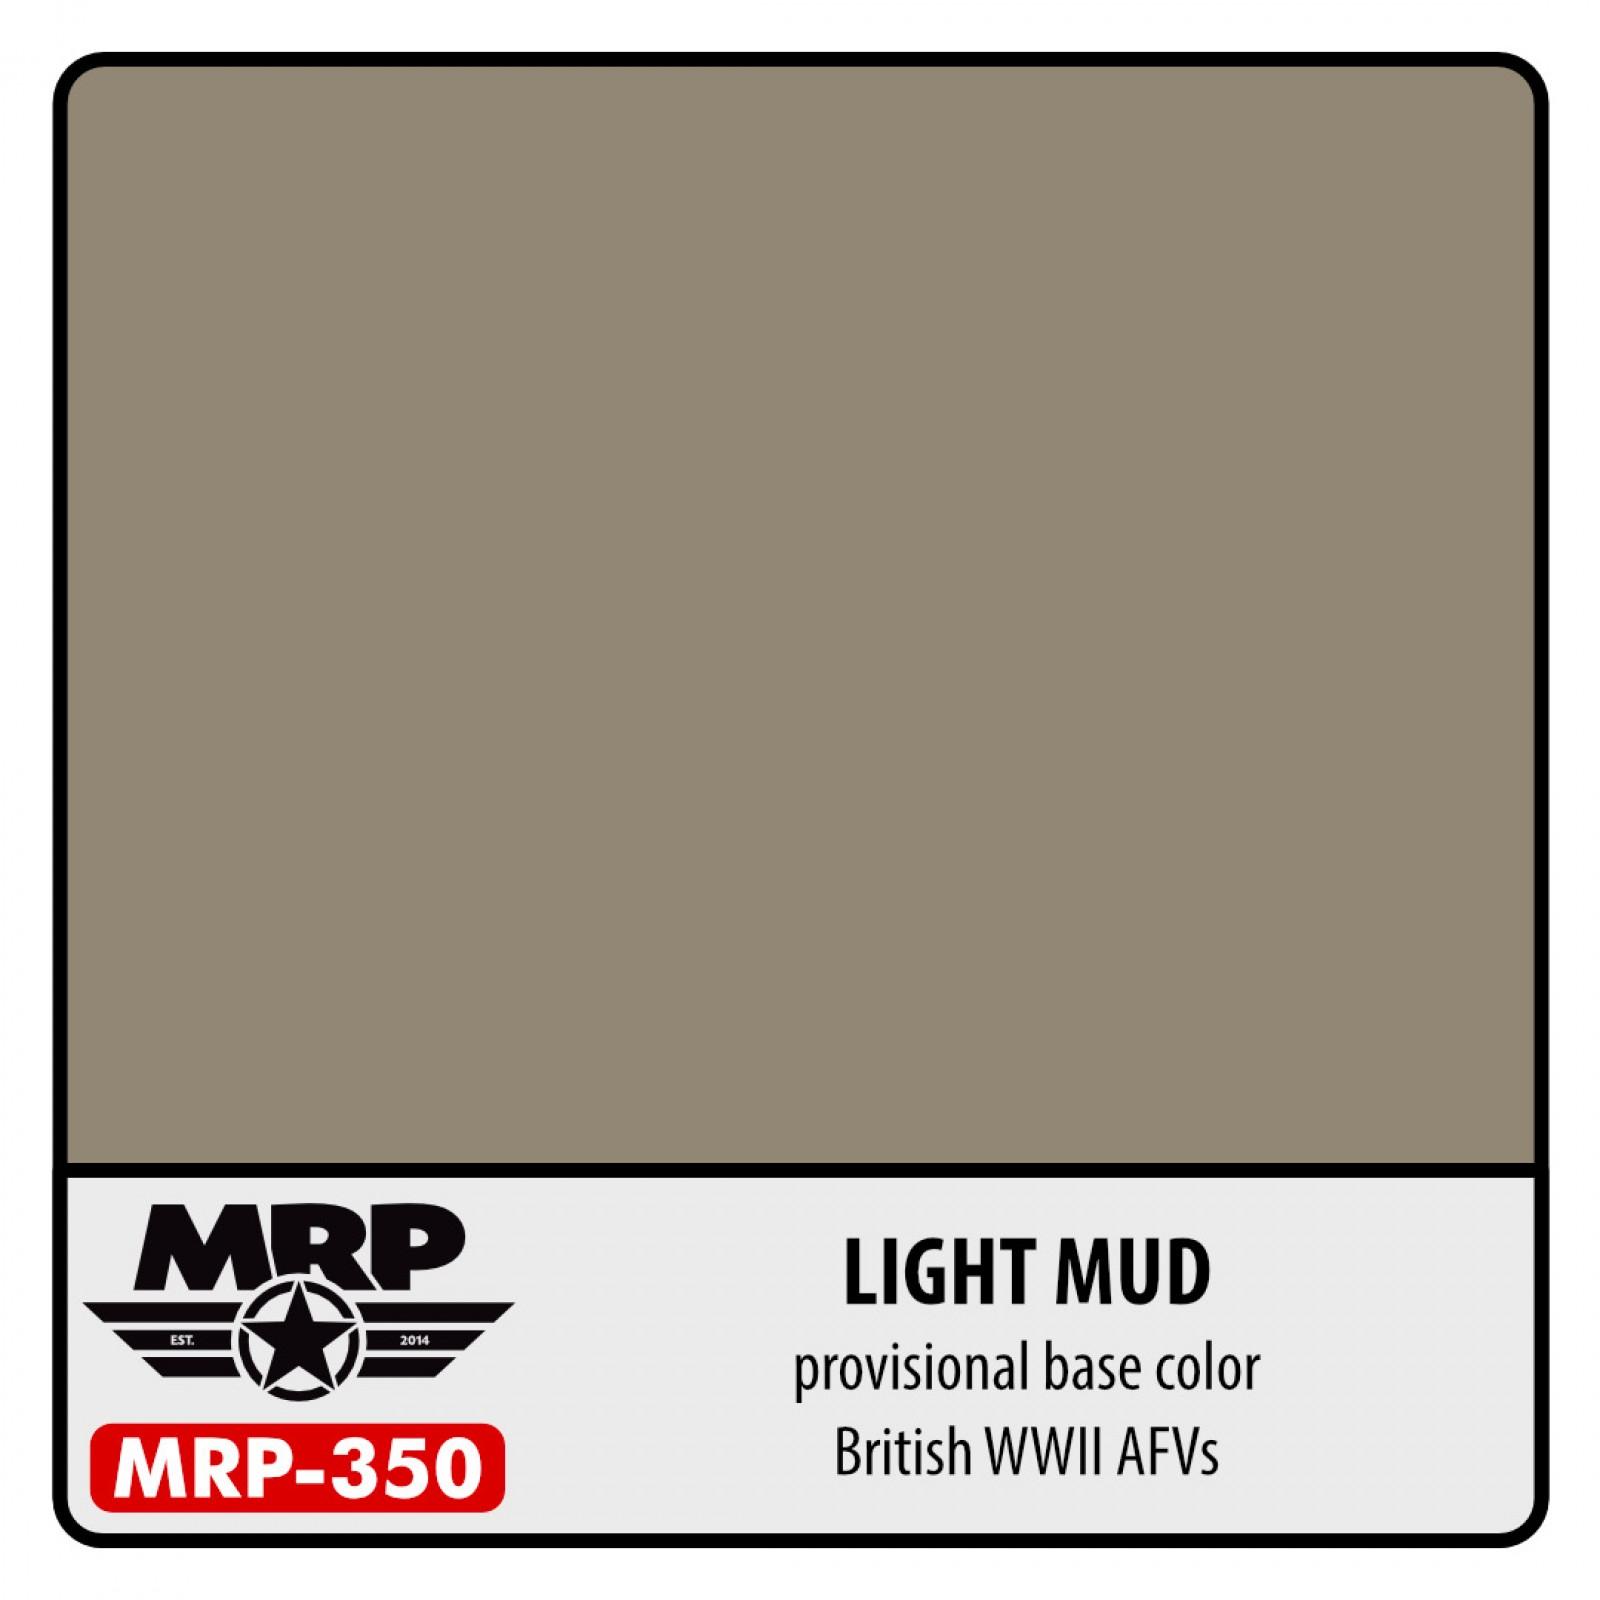 MRP-350  LIGHT MUD